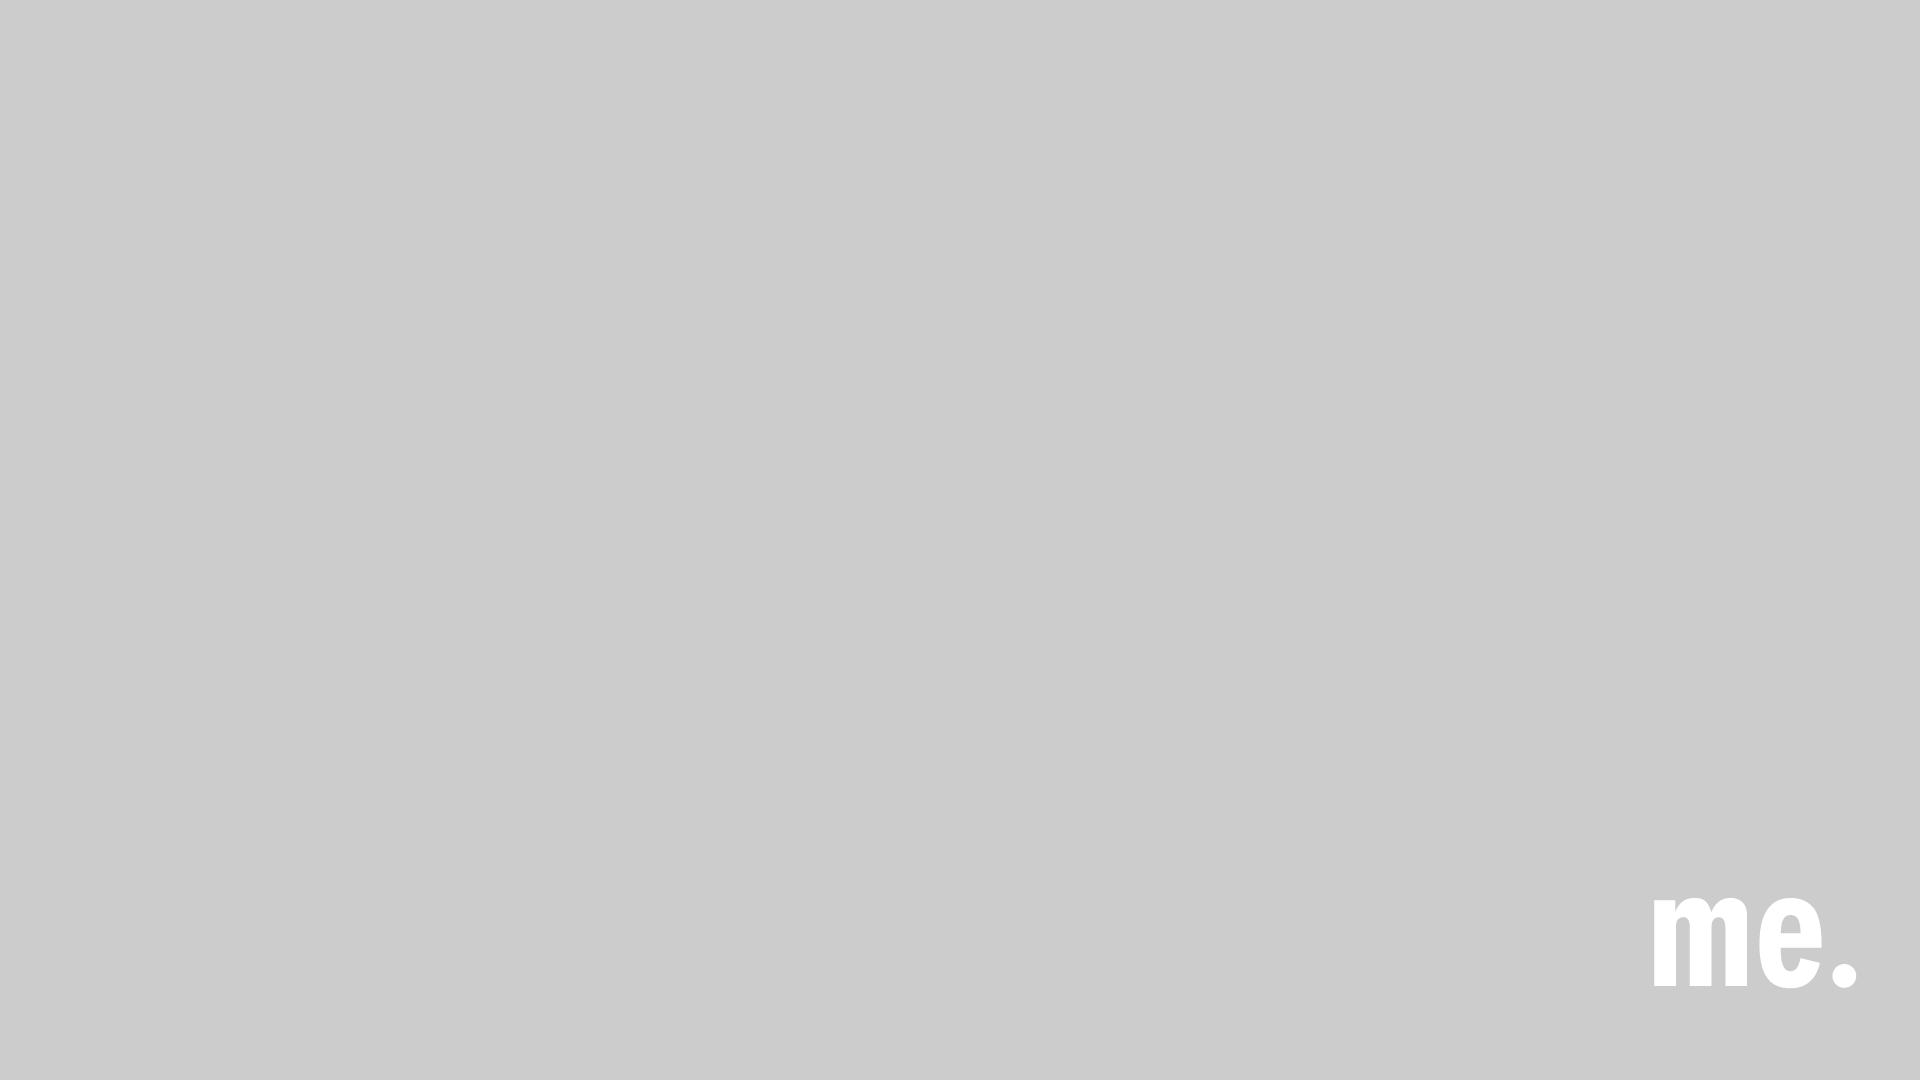 Das erfolgreichste Album des Jahres 2012 in Deutschland, 'BALLAST DER REPUBLIK', von den Toten Hosen verkaufte sich bislang m